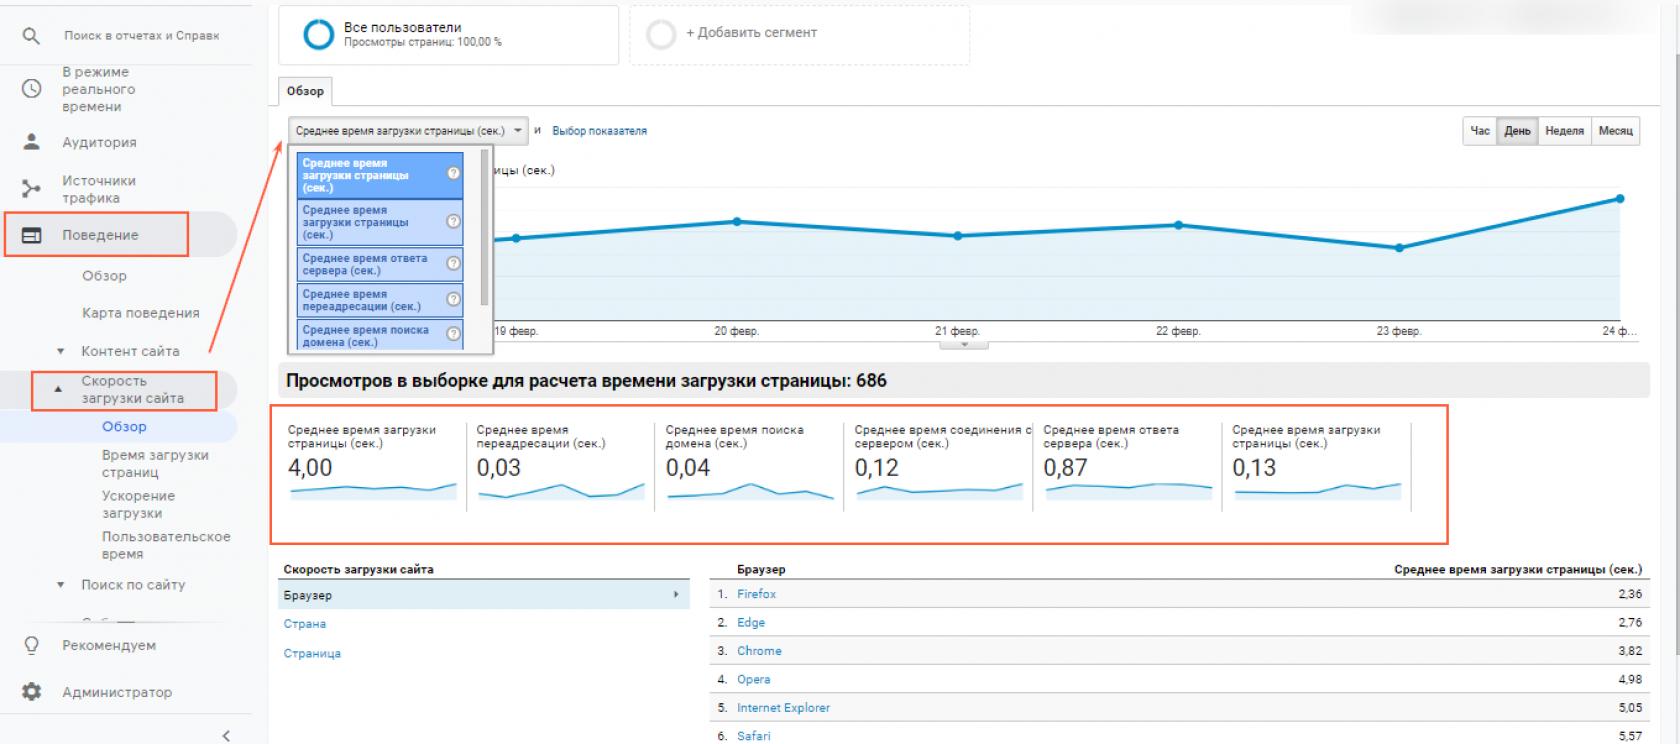 Seo оптимизация новостного сайта что инструменты для рекламы в интернете